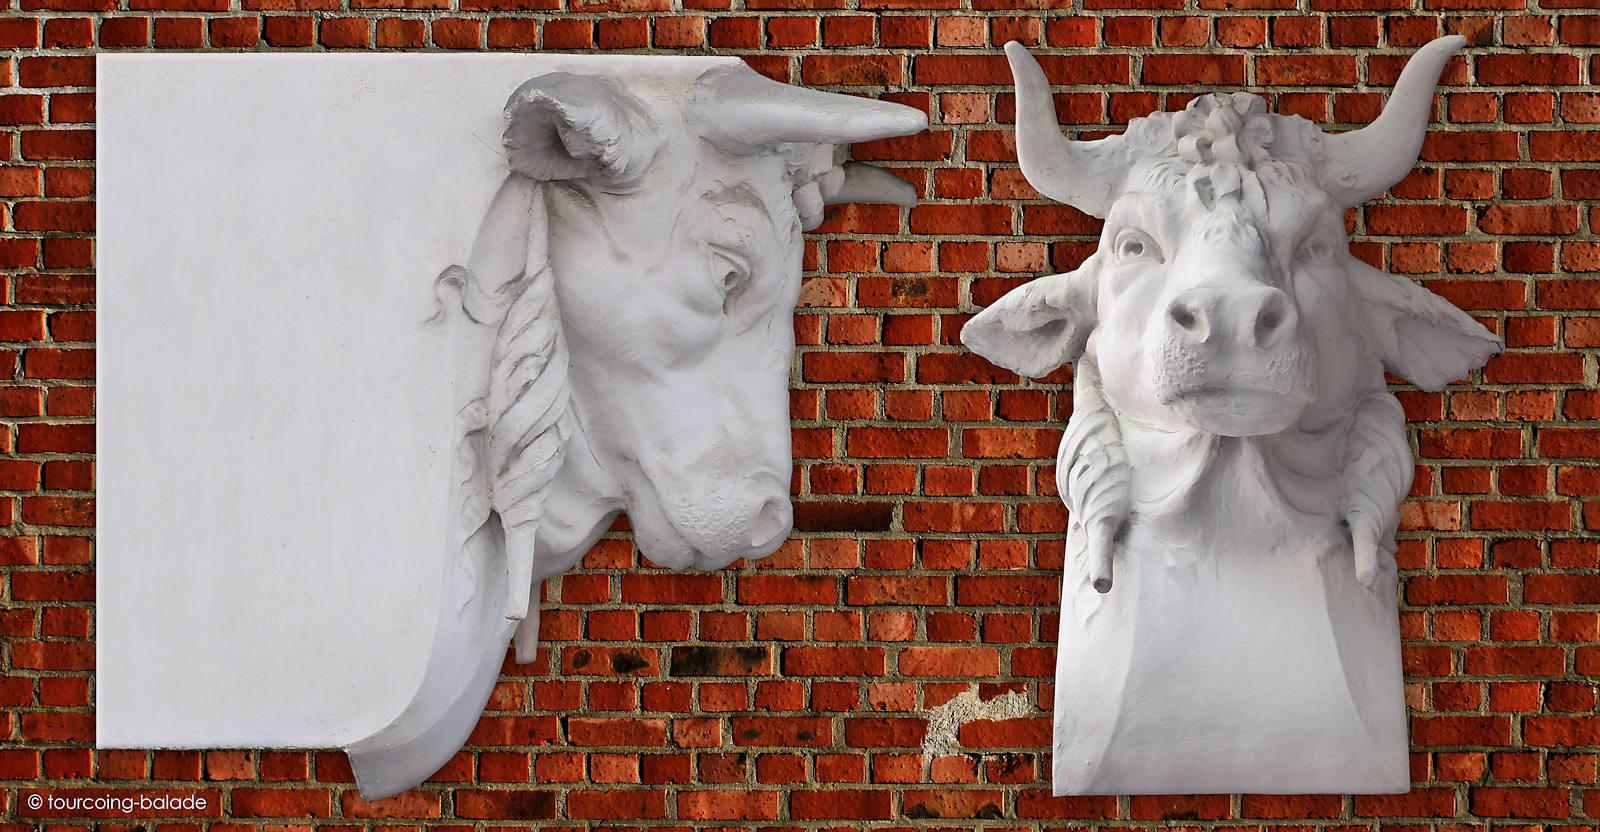 Sculpture du Taureau - Maison du Broutteux, Tourcoing.